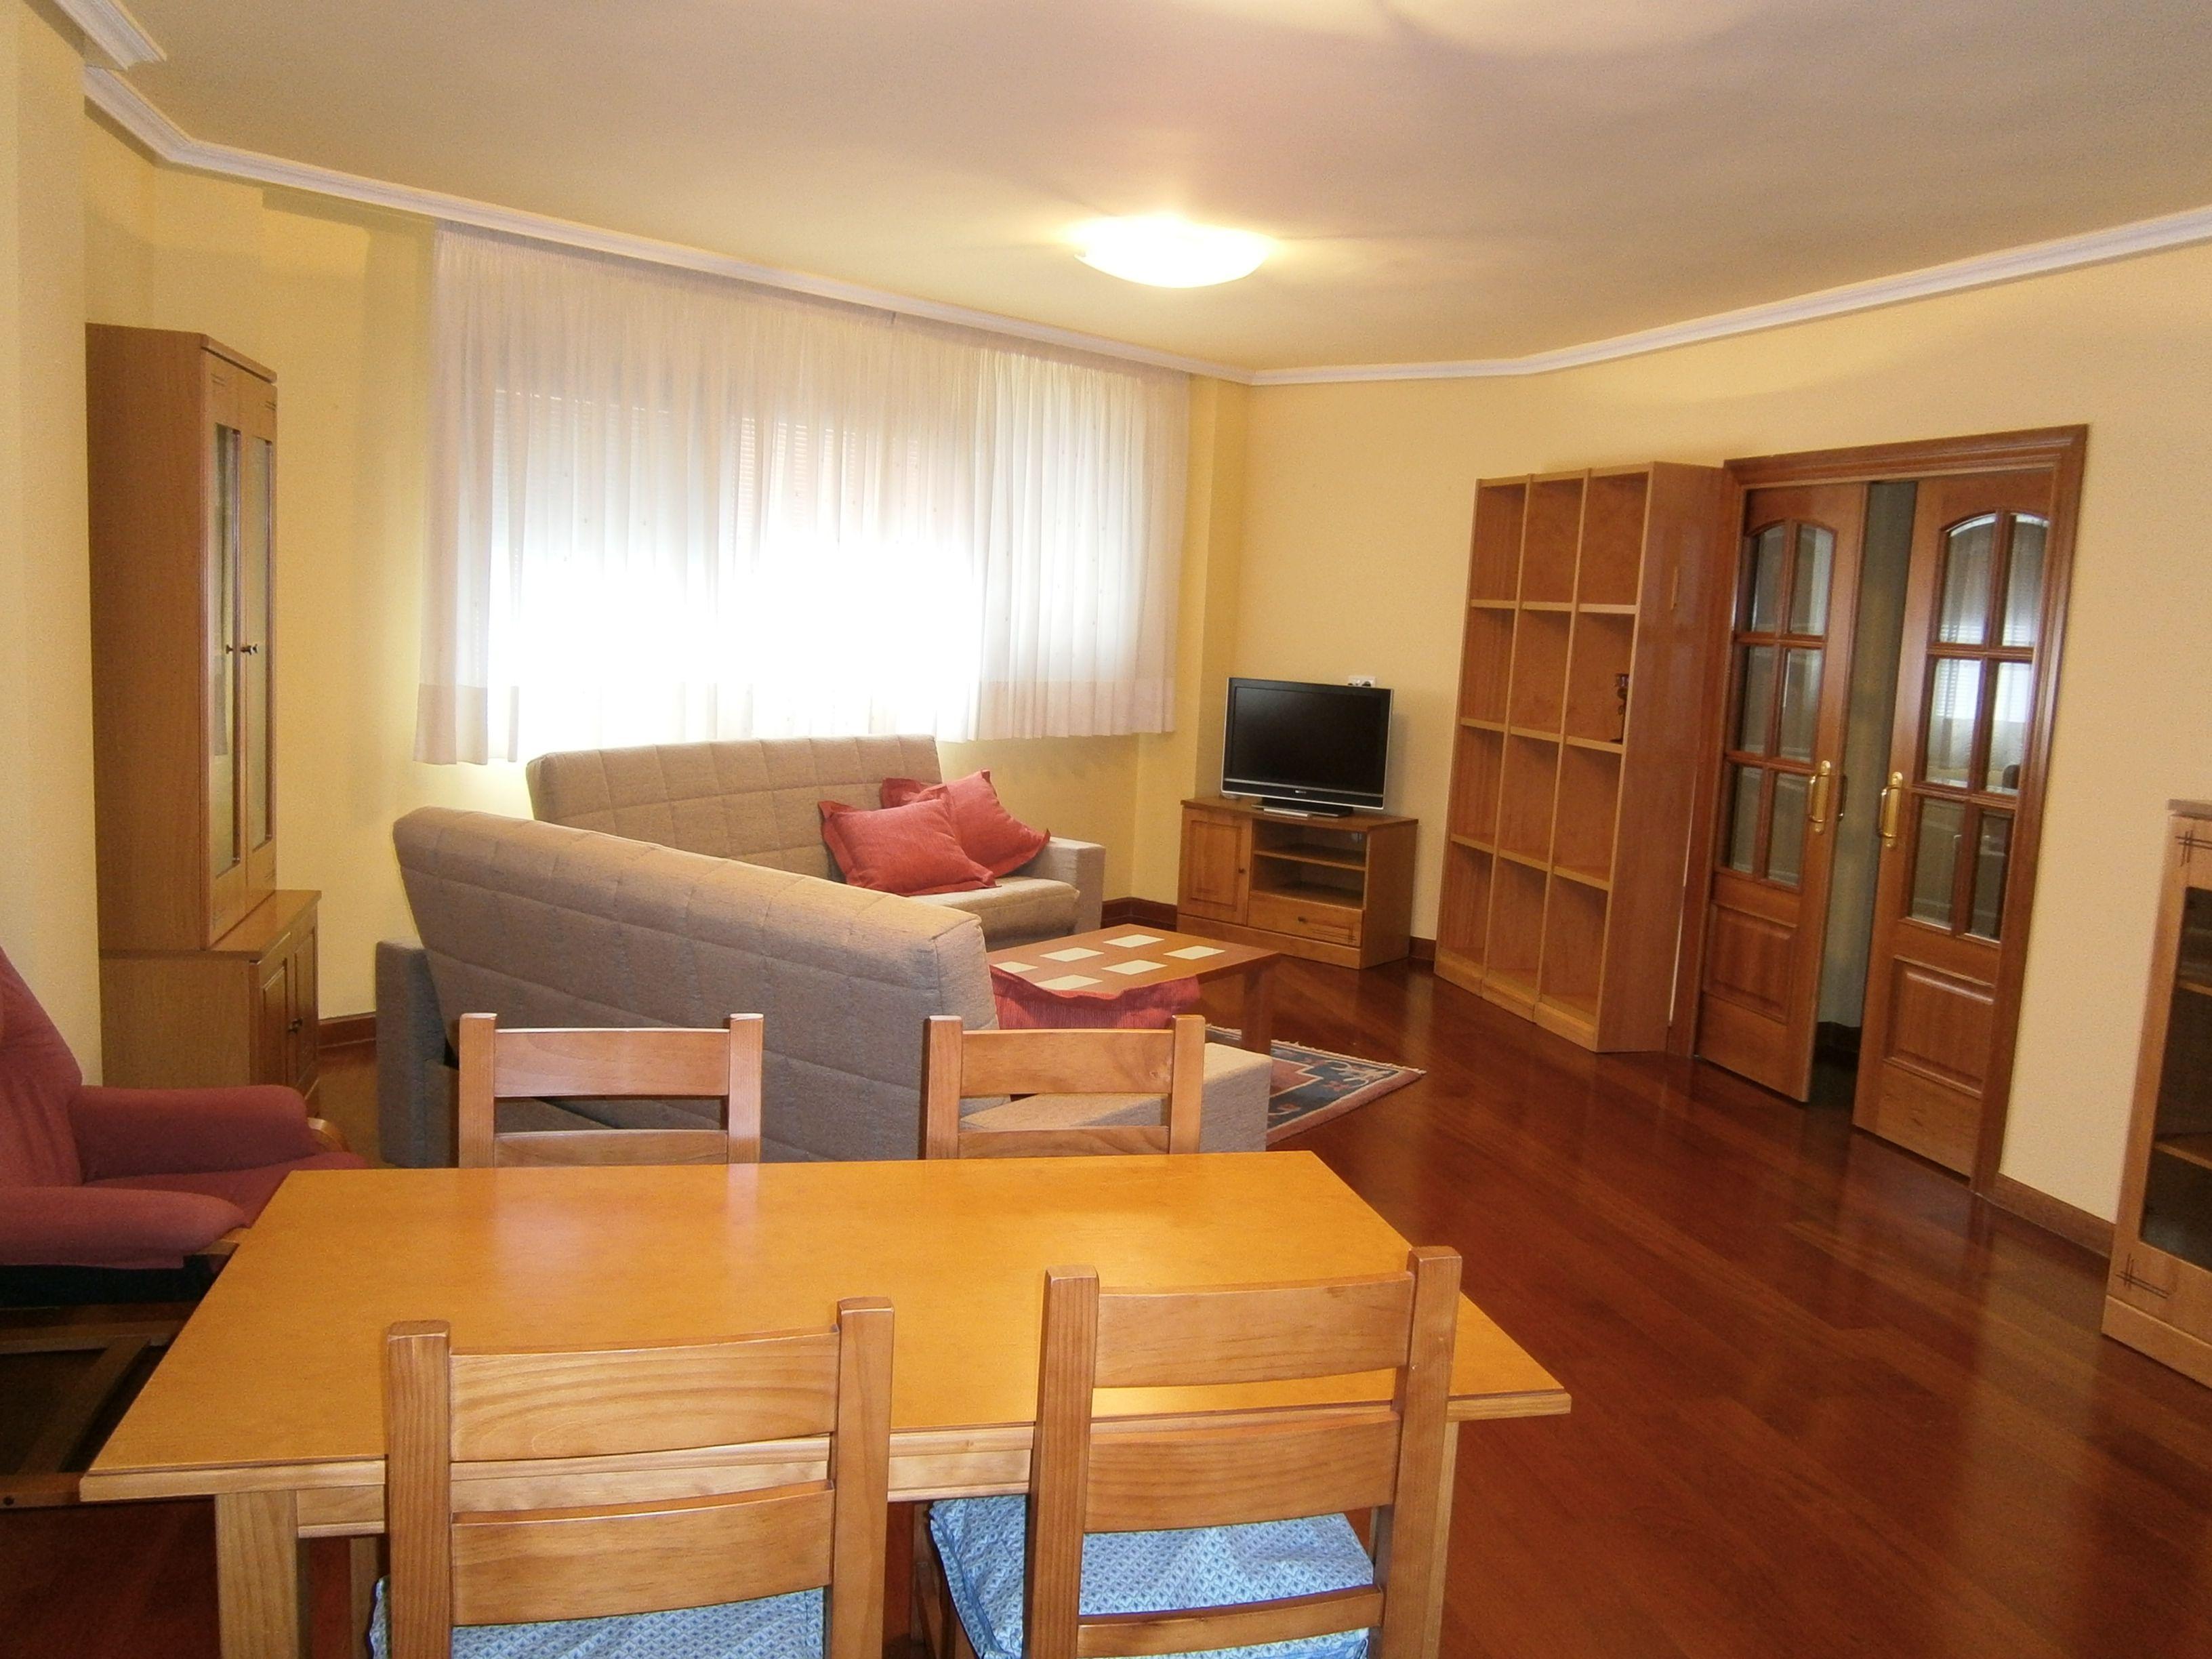 Apartamento para 4 personas en Burgos